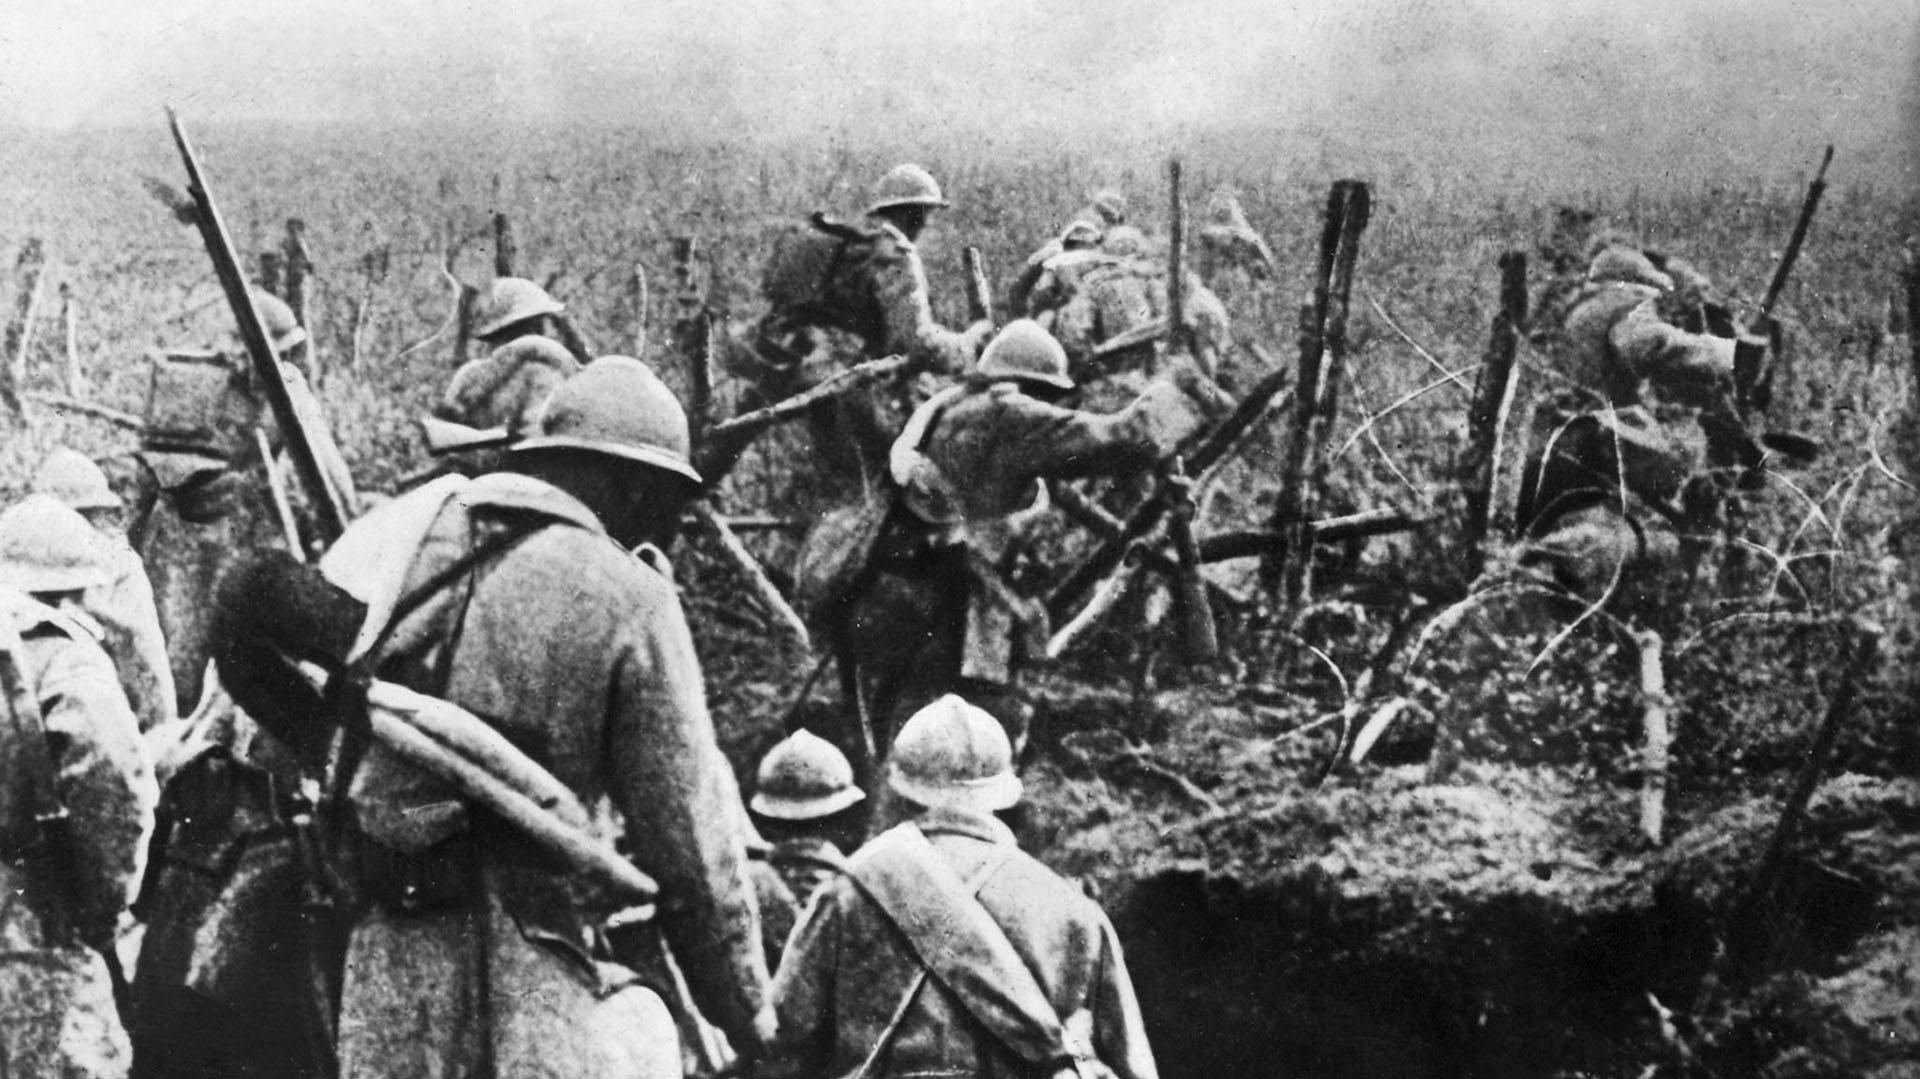 Se cumplieron cien años del fin de la Primera Guerra Mundial, un conflicto que marcó el destino de Occidente y del mundo. En la foto, tomada en1916, soldados franceses salen de su trincheraen la batalla de Verdún. Foto: AFP.